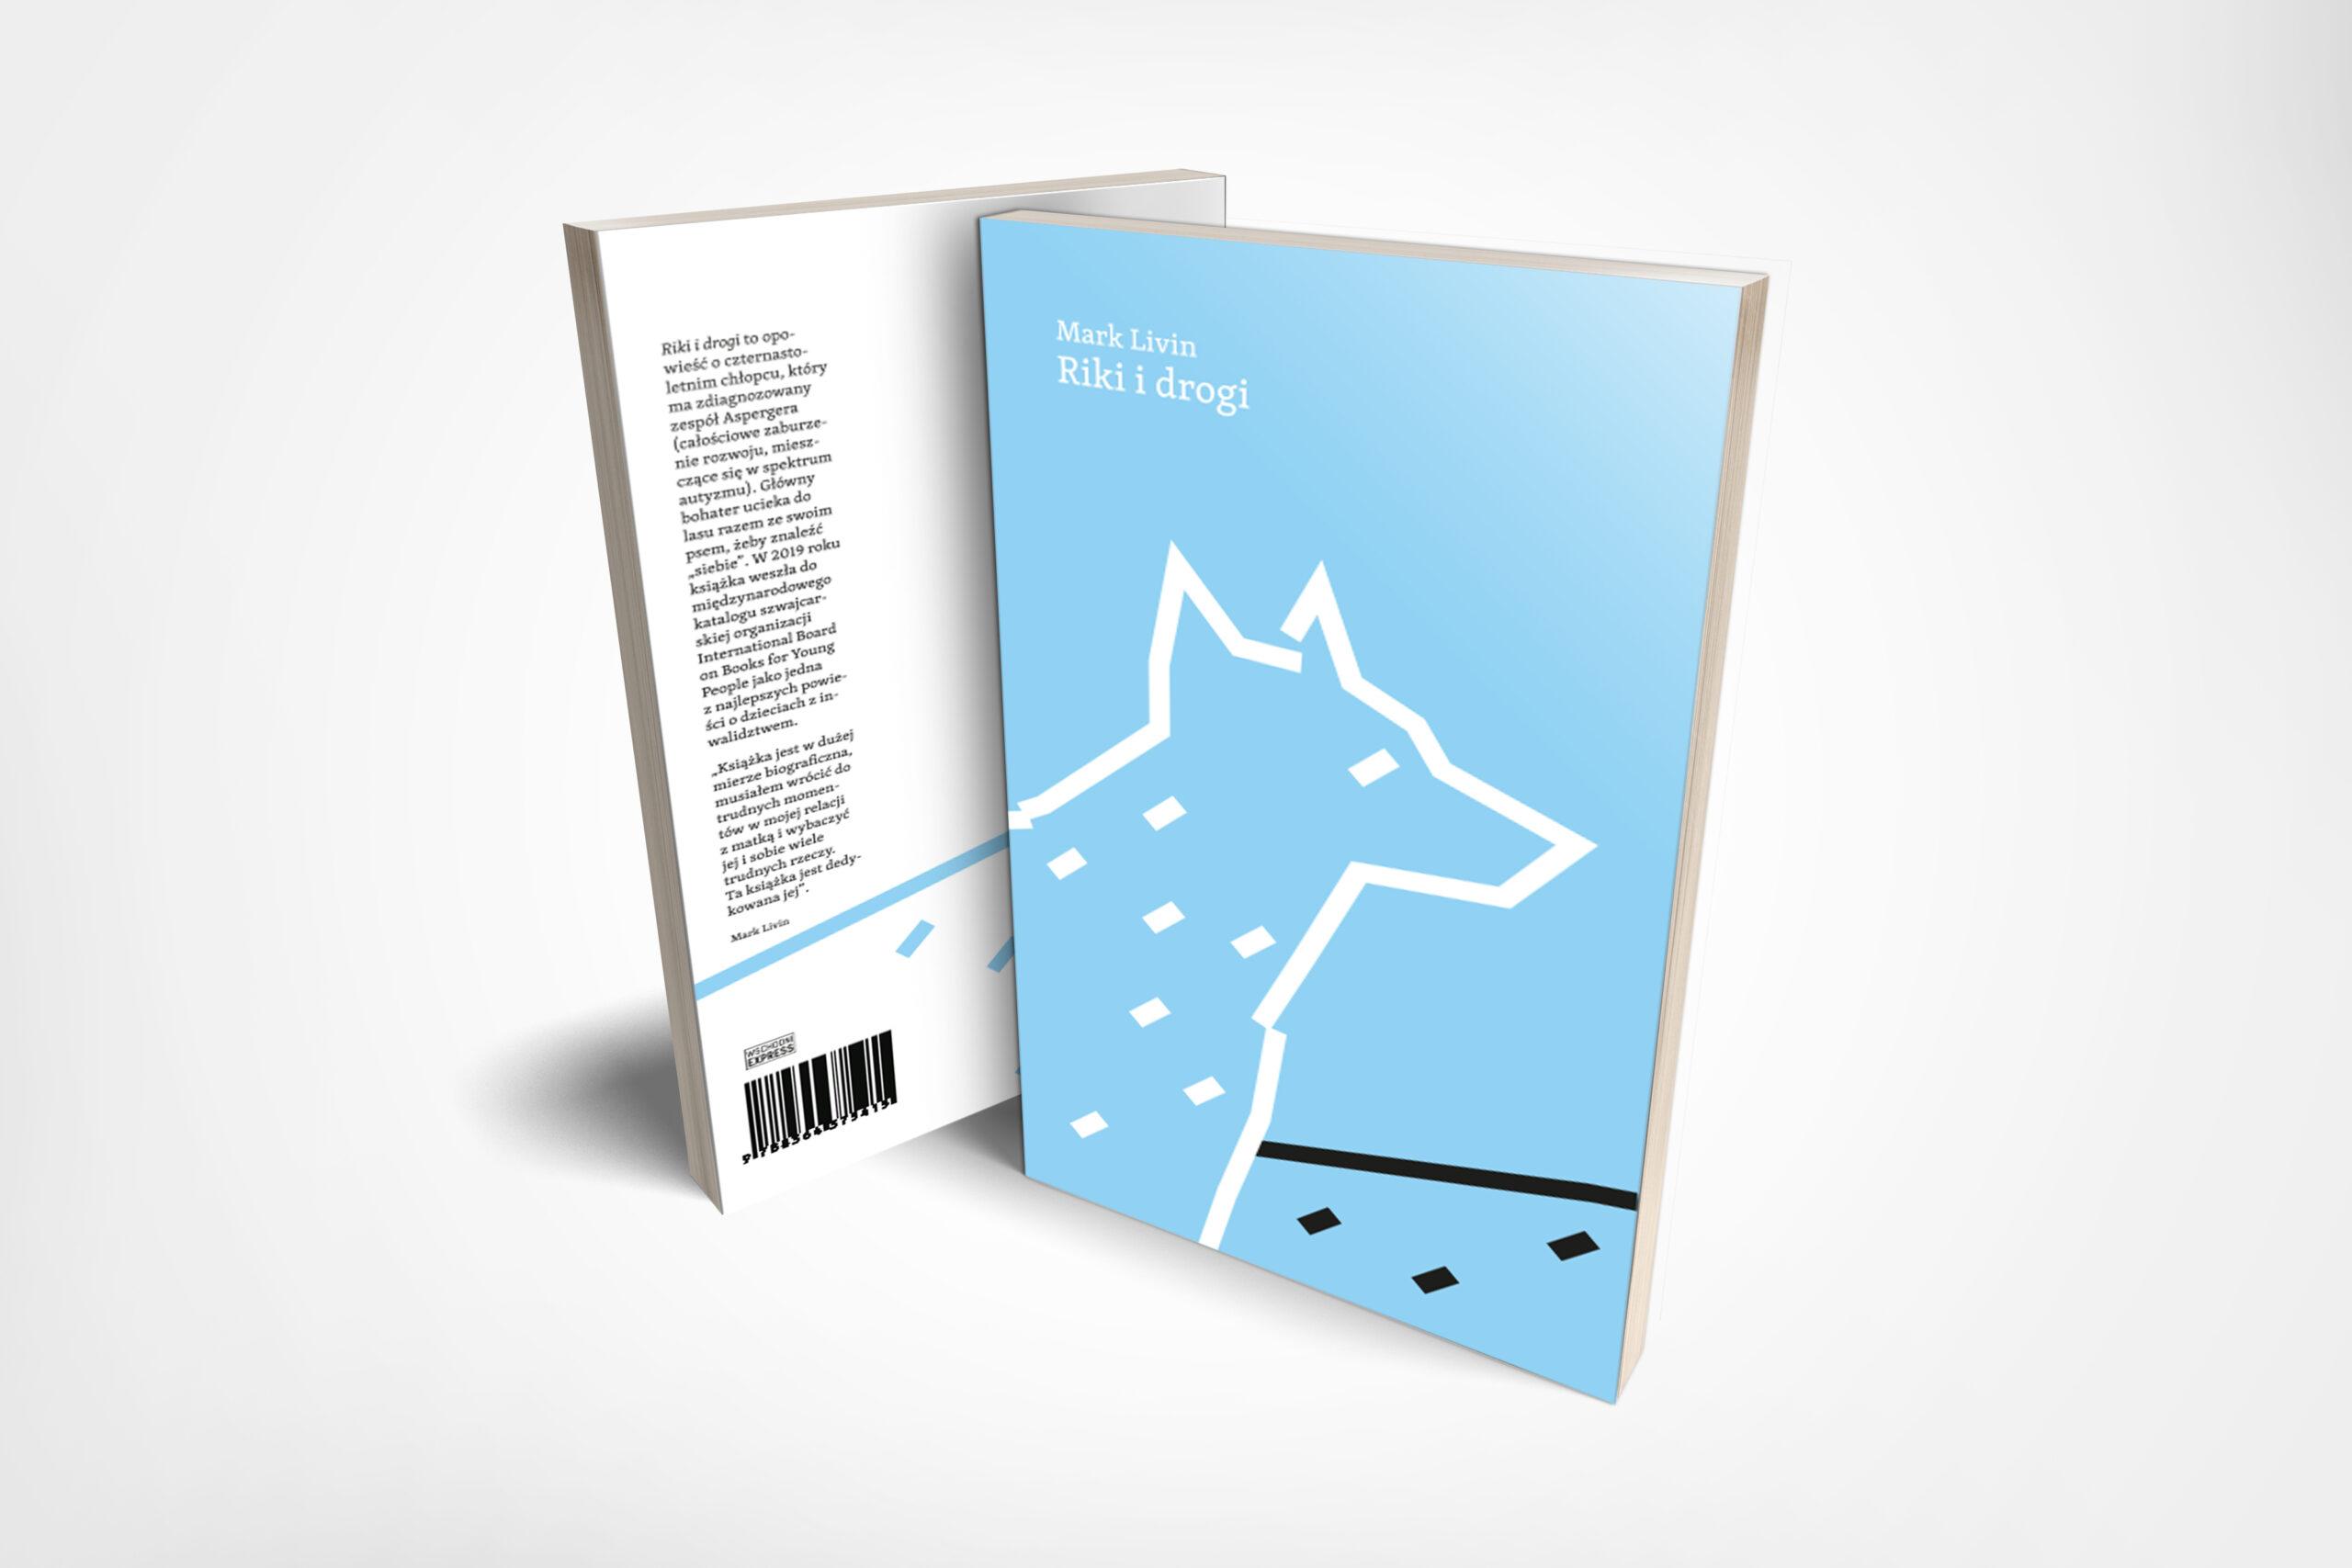 błękitna okładka książki Riki i Drogi przedstawiająca biały kontur średniej wielkości psa stojącego na drodze. Widok z boku. Pies patrzy w dal poza okładkę.